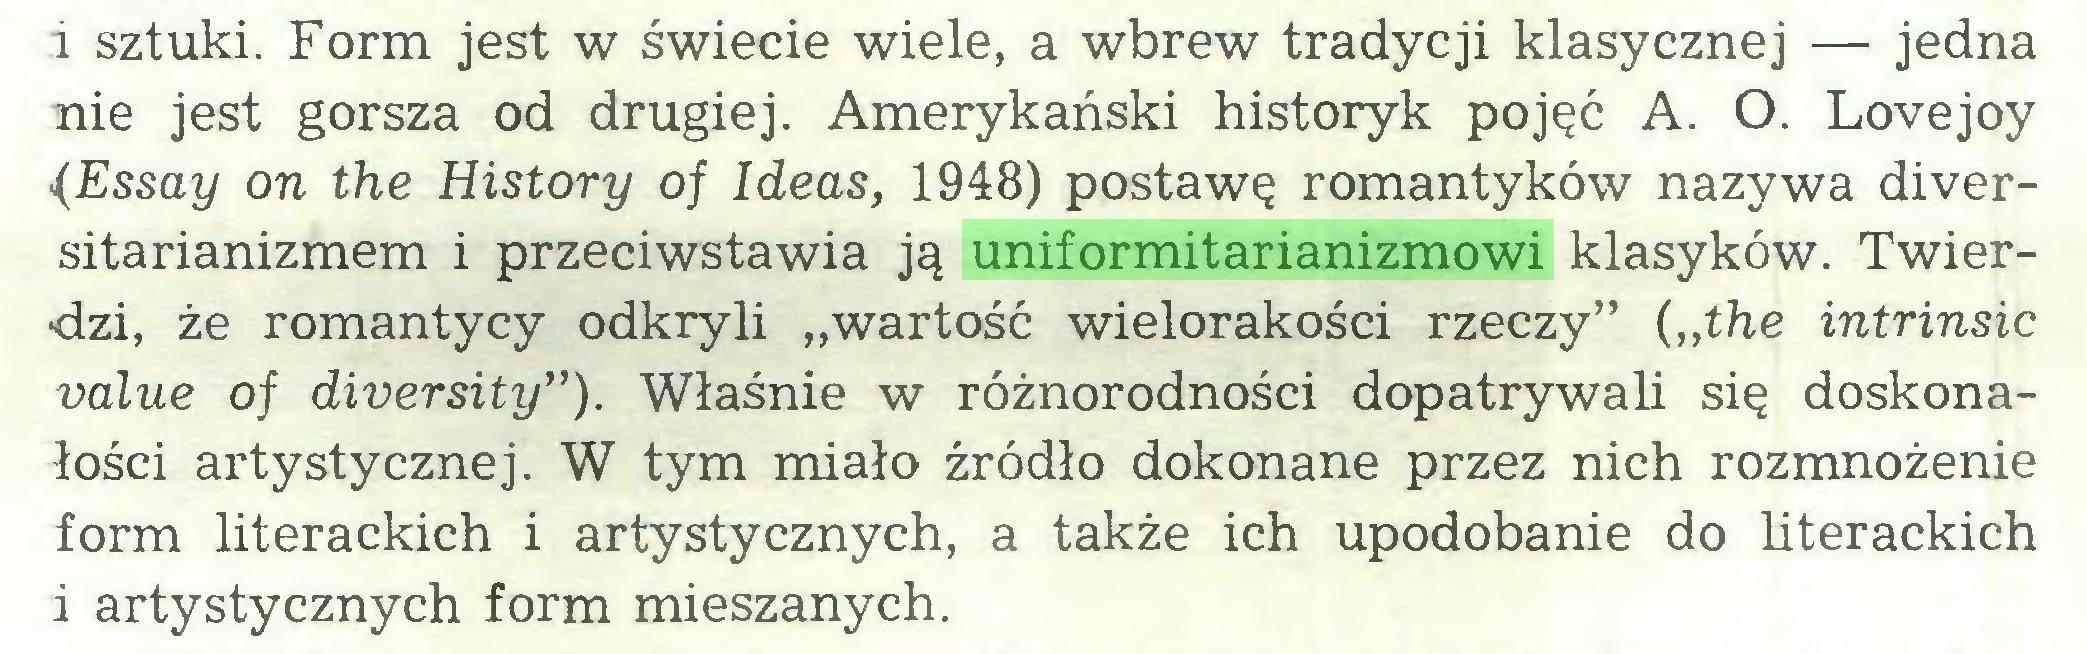 """(...) i sztuki. Form jest w świecie wiele, a wbrew tradycji klasycznej — jedna nie jest gorsza od drugiej. Amerykański historyk pojęć A. O. Lovejoy (Essay on the History of Ideas, 1948) postawę romantyków nazywa diversitarianizmem i przeciwstawia ją uniformitarianizmowi klasyków. Twierdzi, że romantycy odkryli """"wartość wielorakości rzeczy"""" {""""the intrinsic value of diversity""""). Właśnie w różnorodności dopatrywali się doskonałości artystycznej. W tym miało źródło dokonane przez nich rozmnożenie form literackich i artystycznych, a także ich upodobanie do literackich i artystycznych form mieszanych..."""